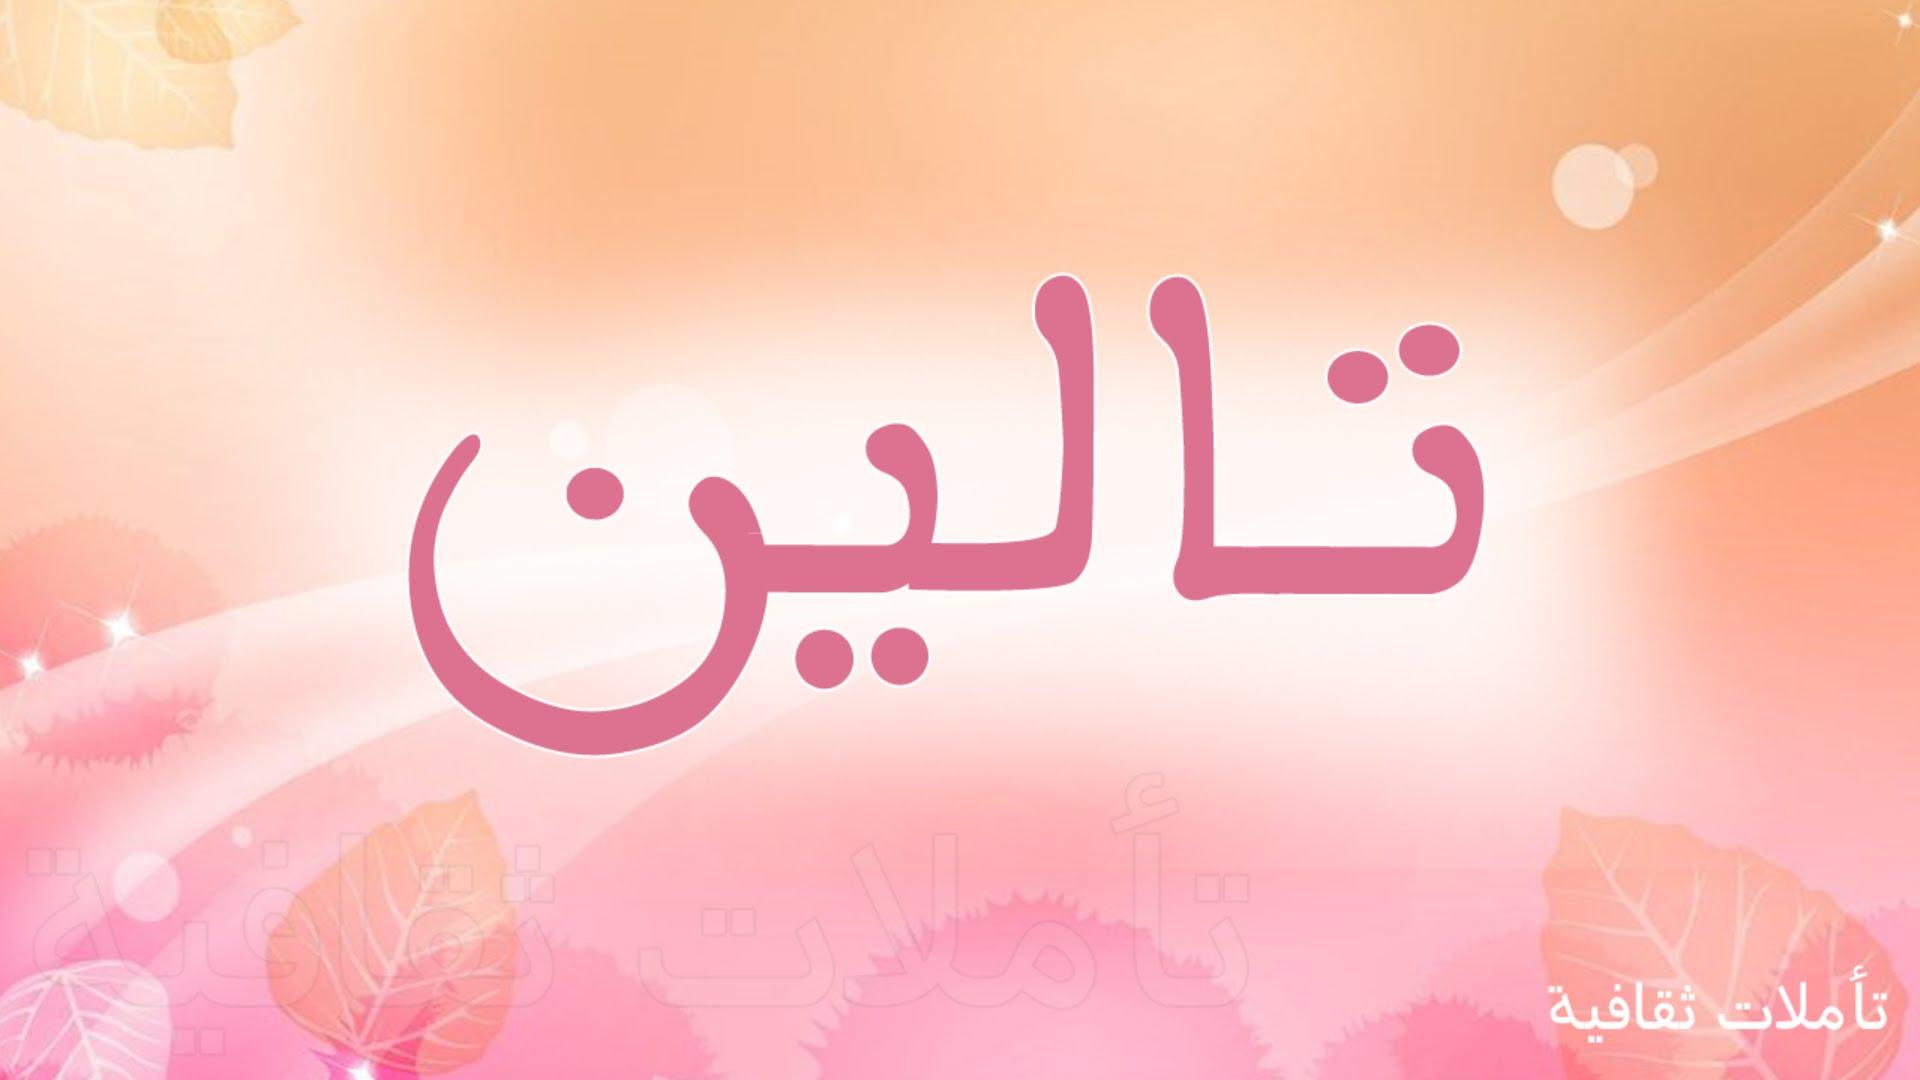 بالصور معنى تالين في اللغة العربية 20160716 1005